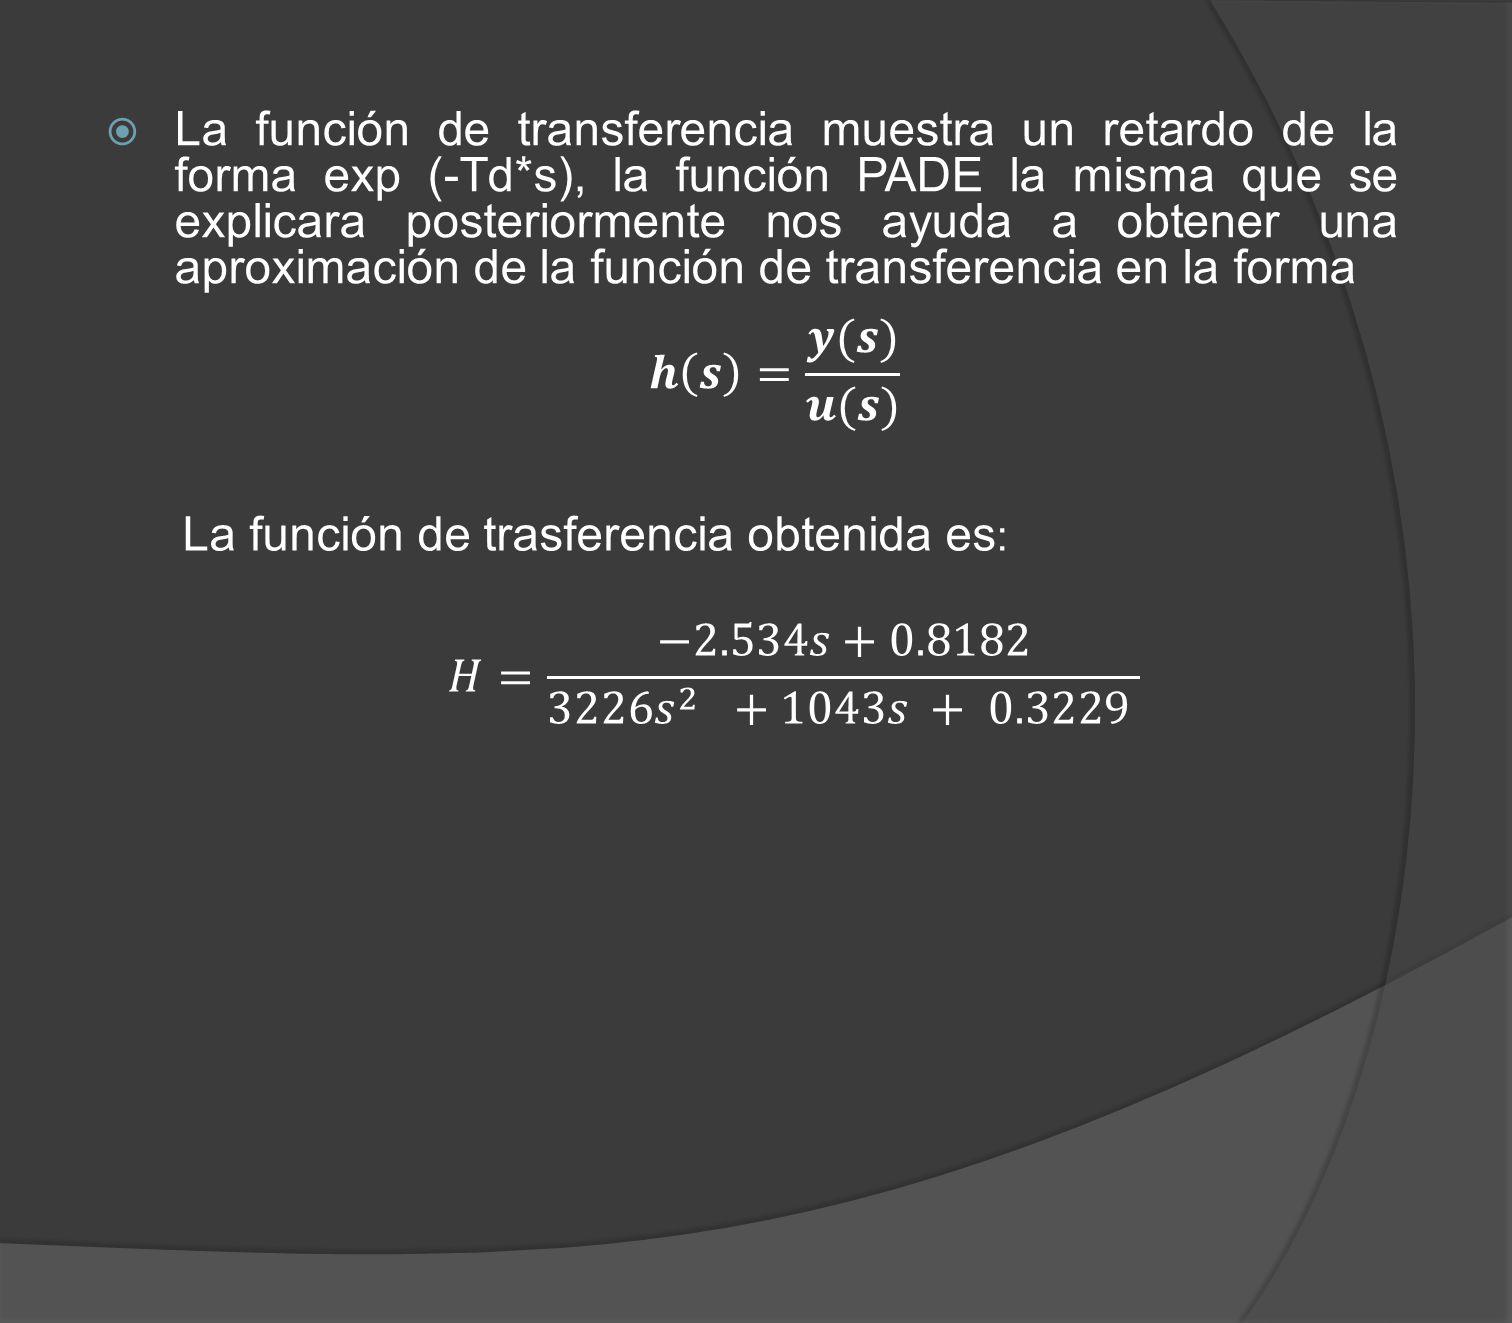 La función de transferencia muestra un retardo de la forma exp (-Td